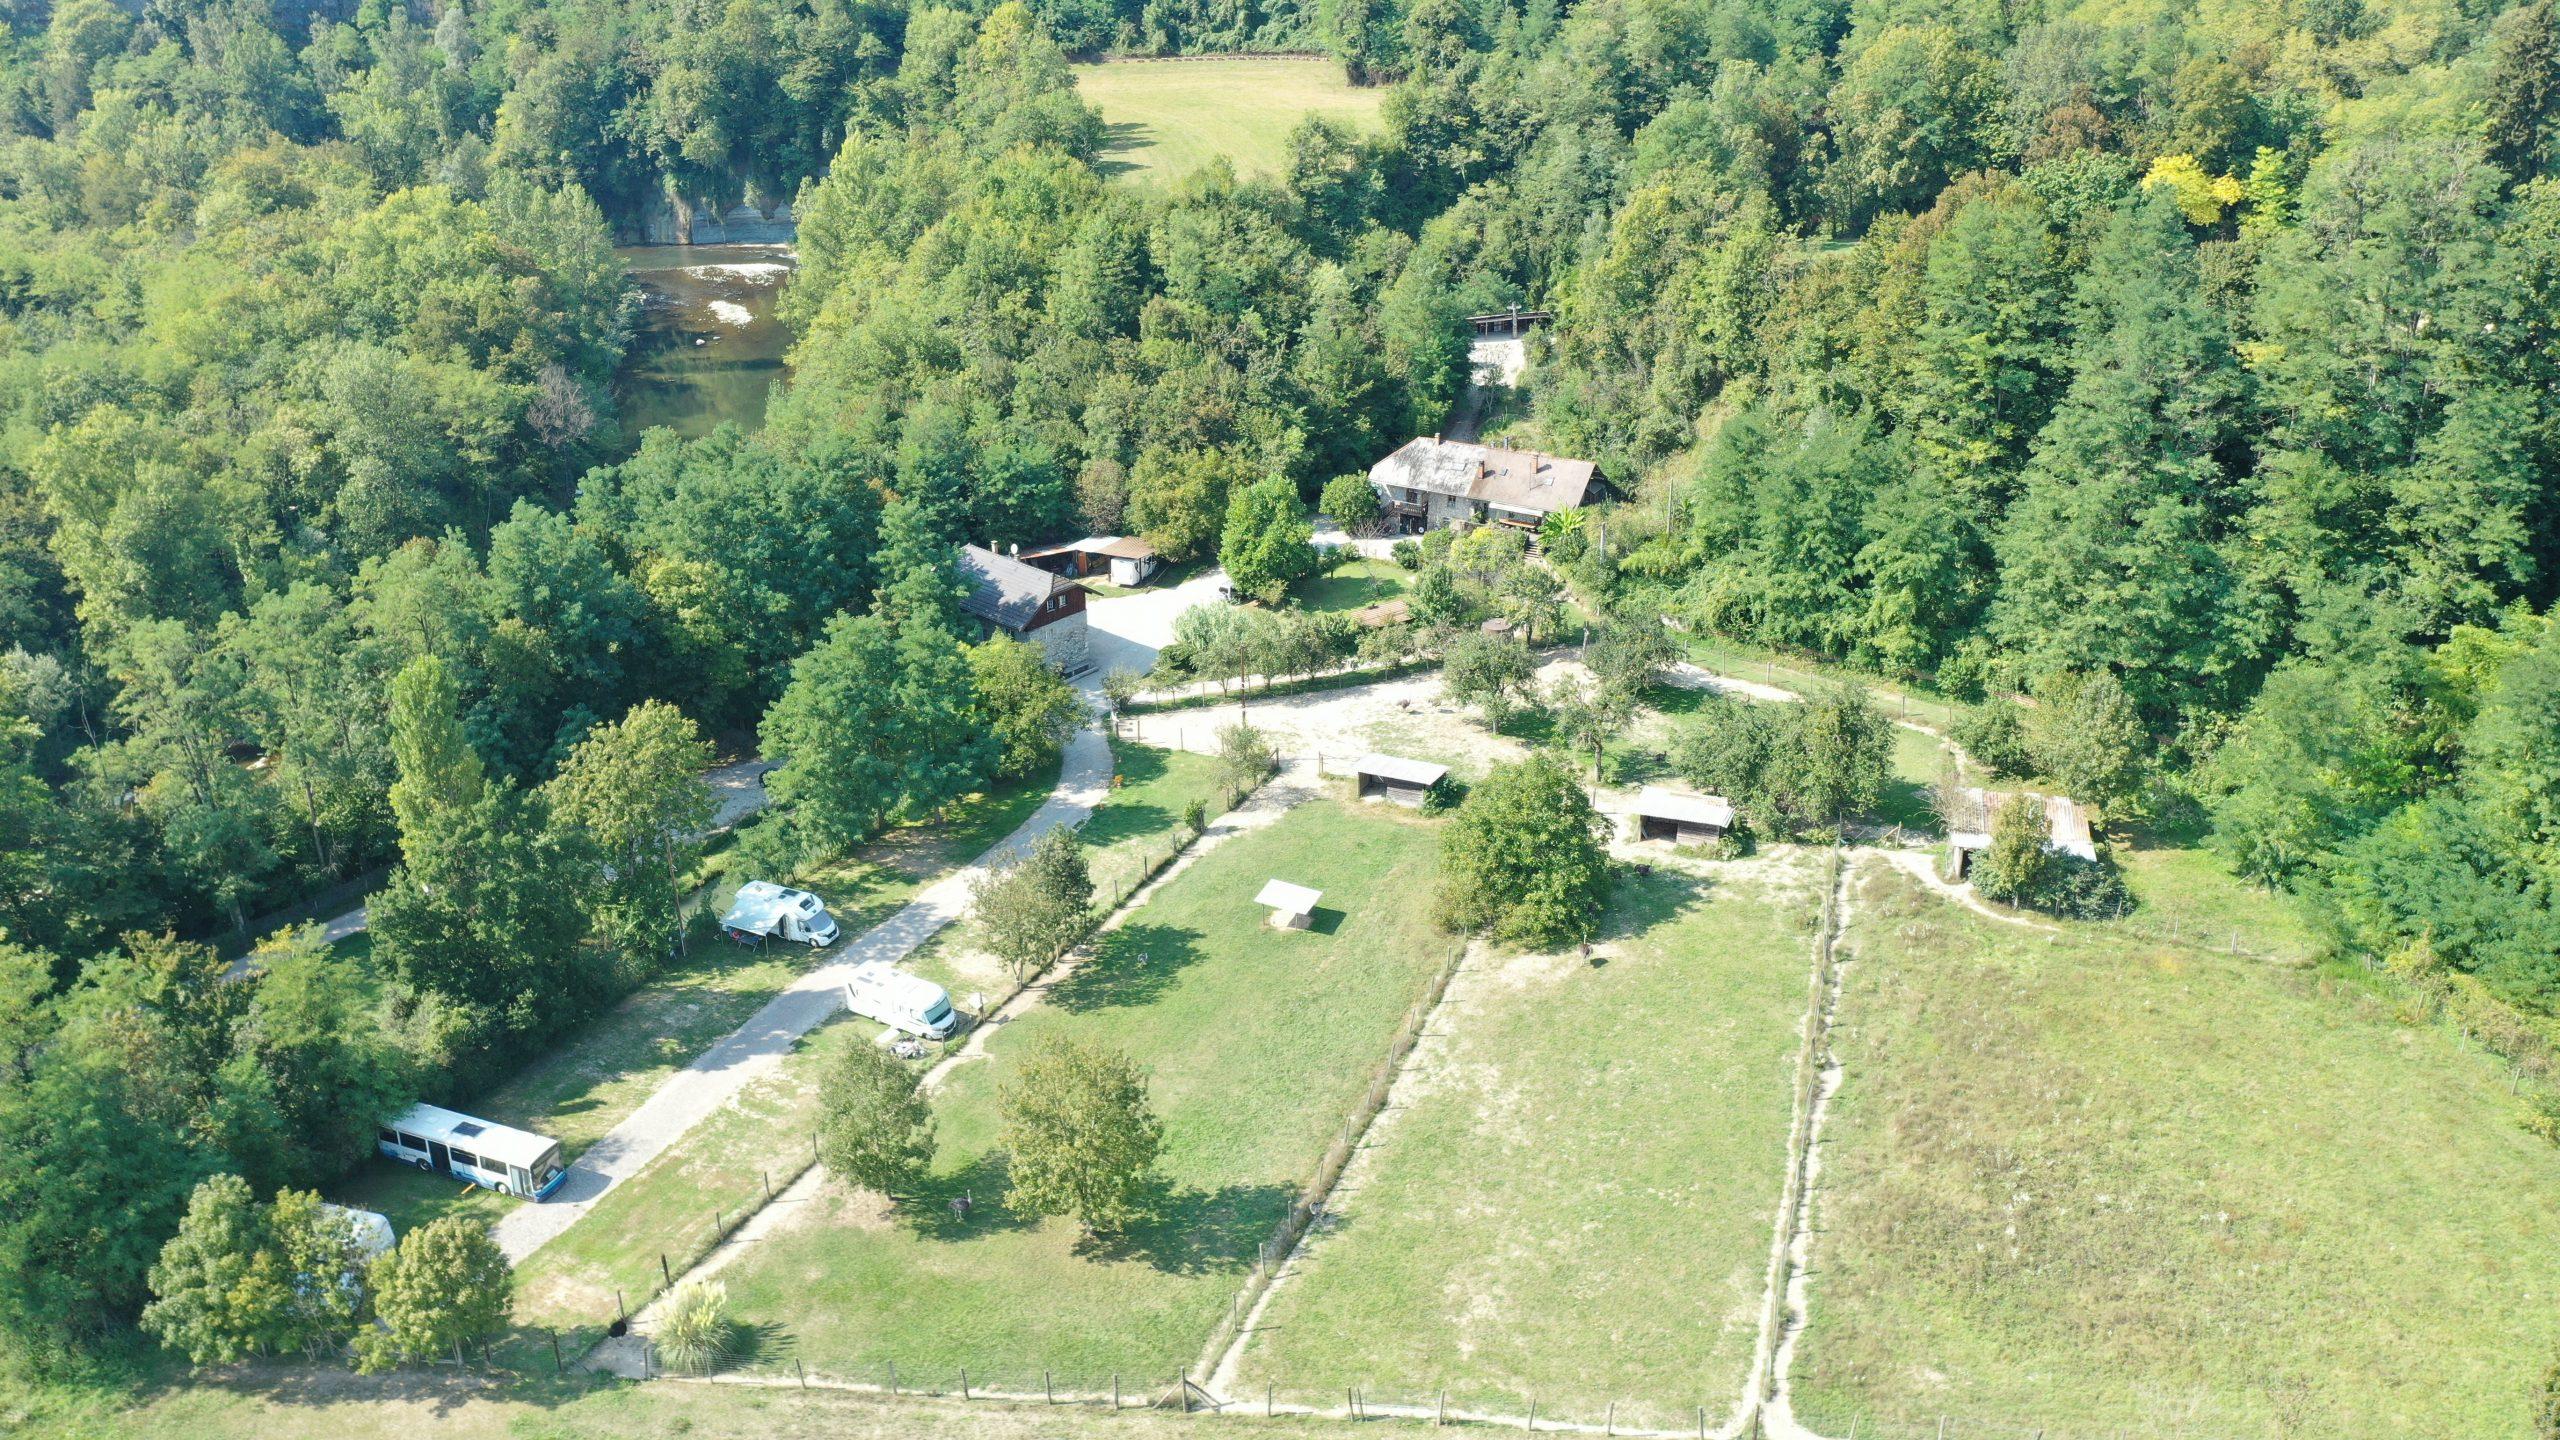 Propriété agricole avec dépendances sur 4 ha – Annecy (74)